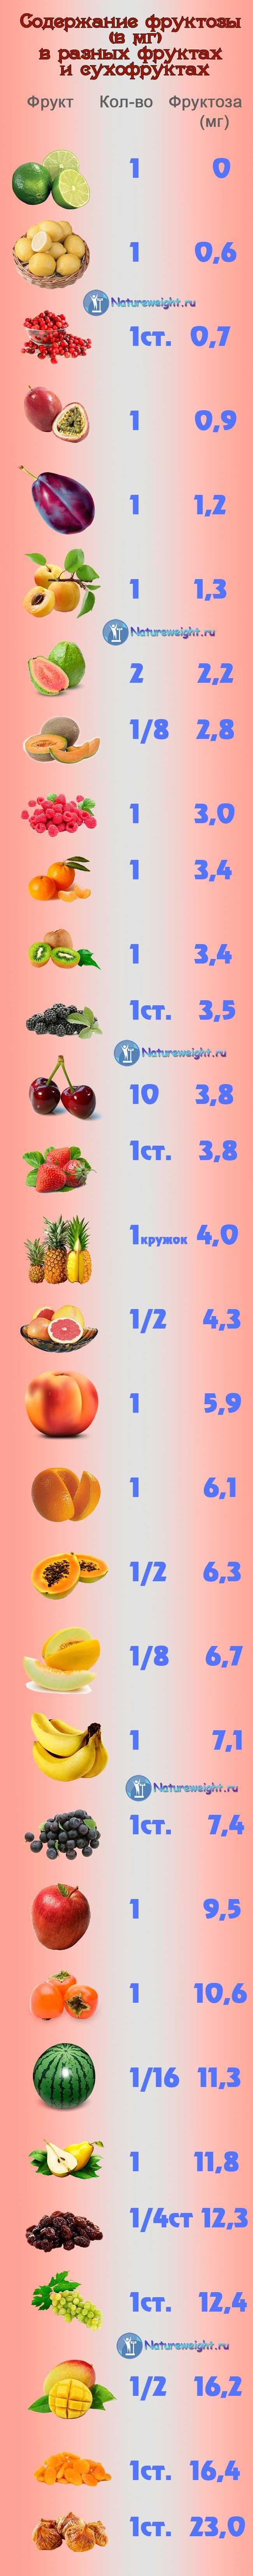 Количество фруктозы во фруктах, сухофруктах и ягодах (инфографика)